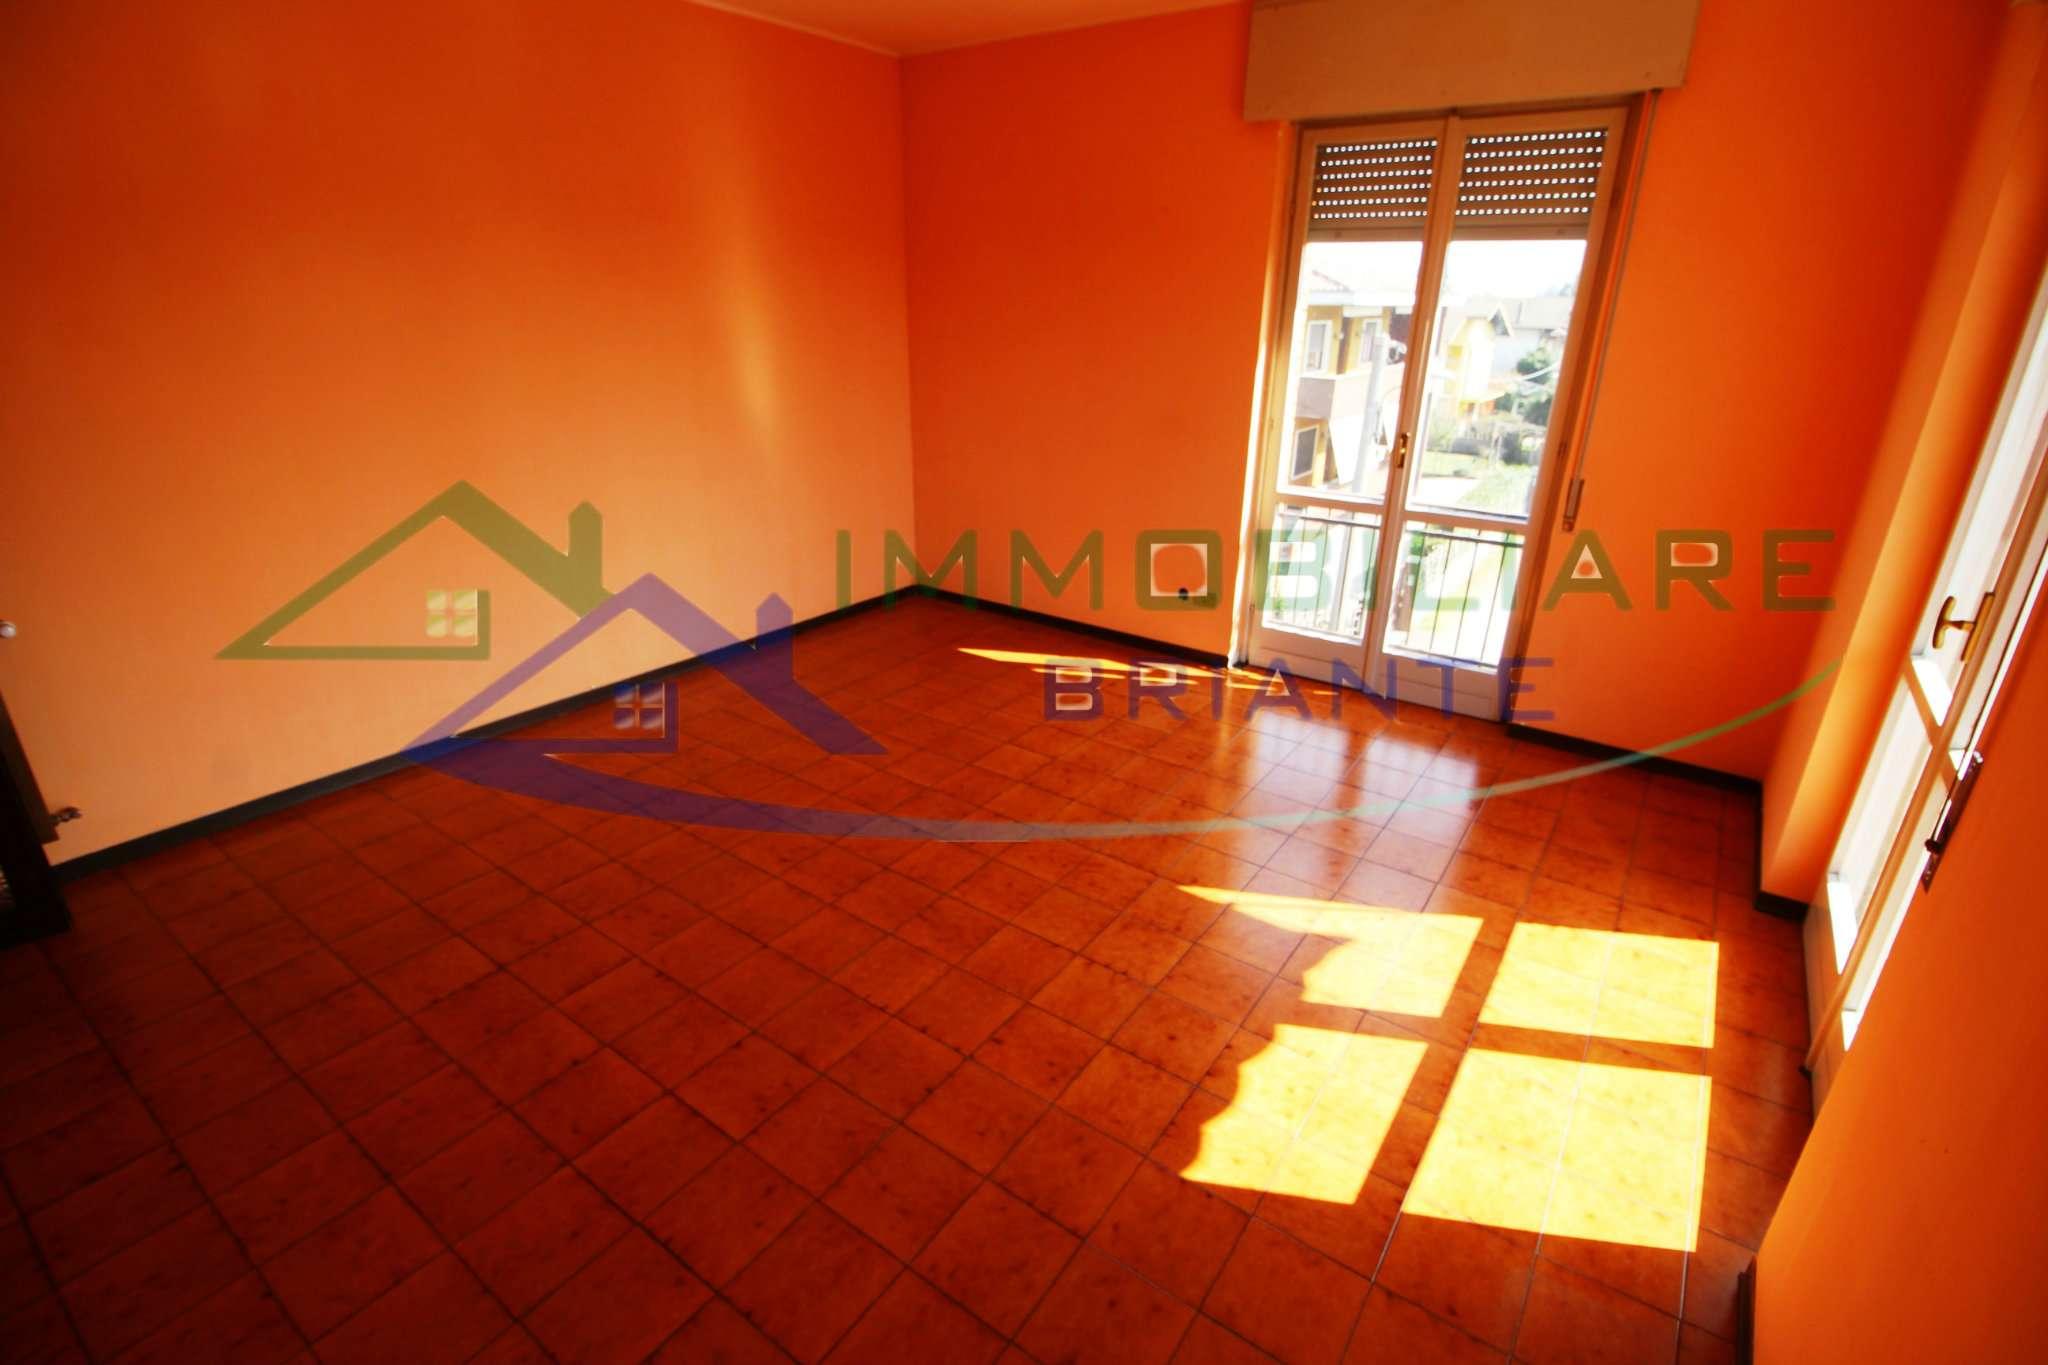 Appartamento in vendita a Arsago Seprio, 3 locali, prezzo € 89.000 | CambioCasa.it